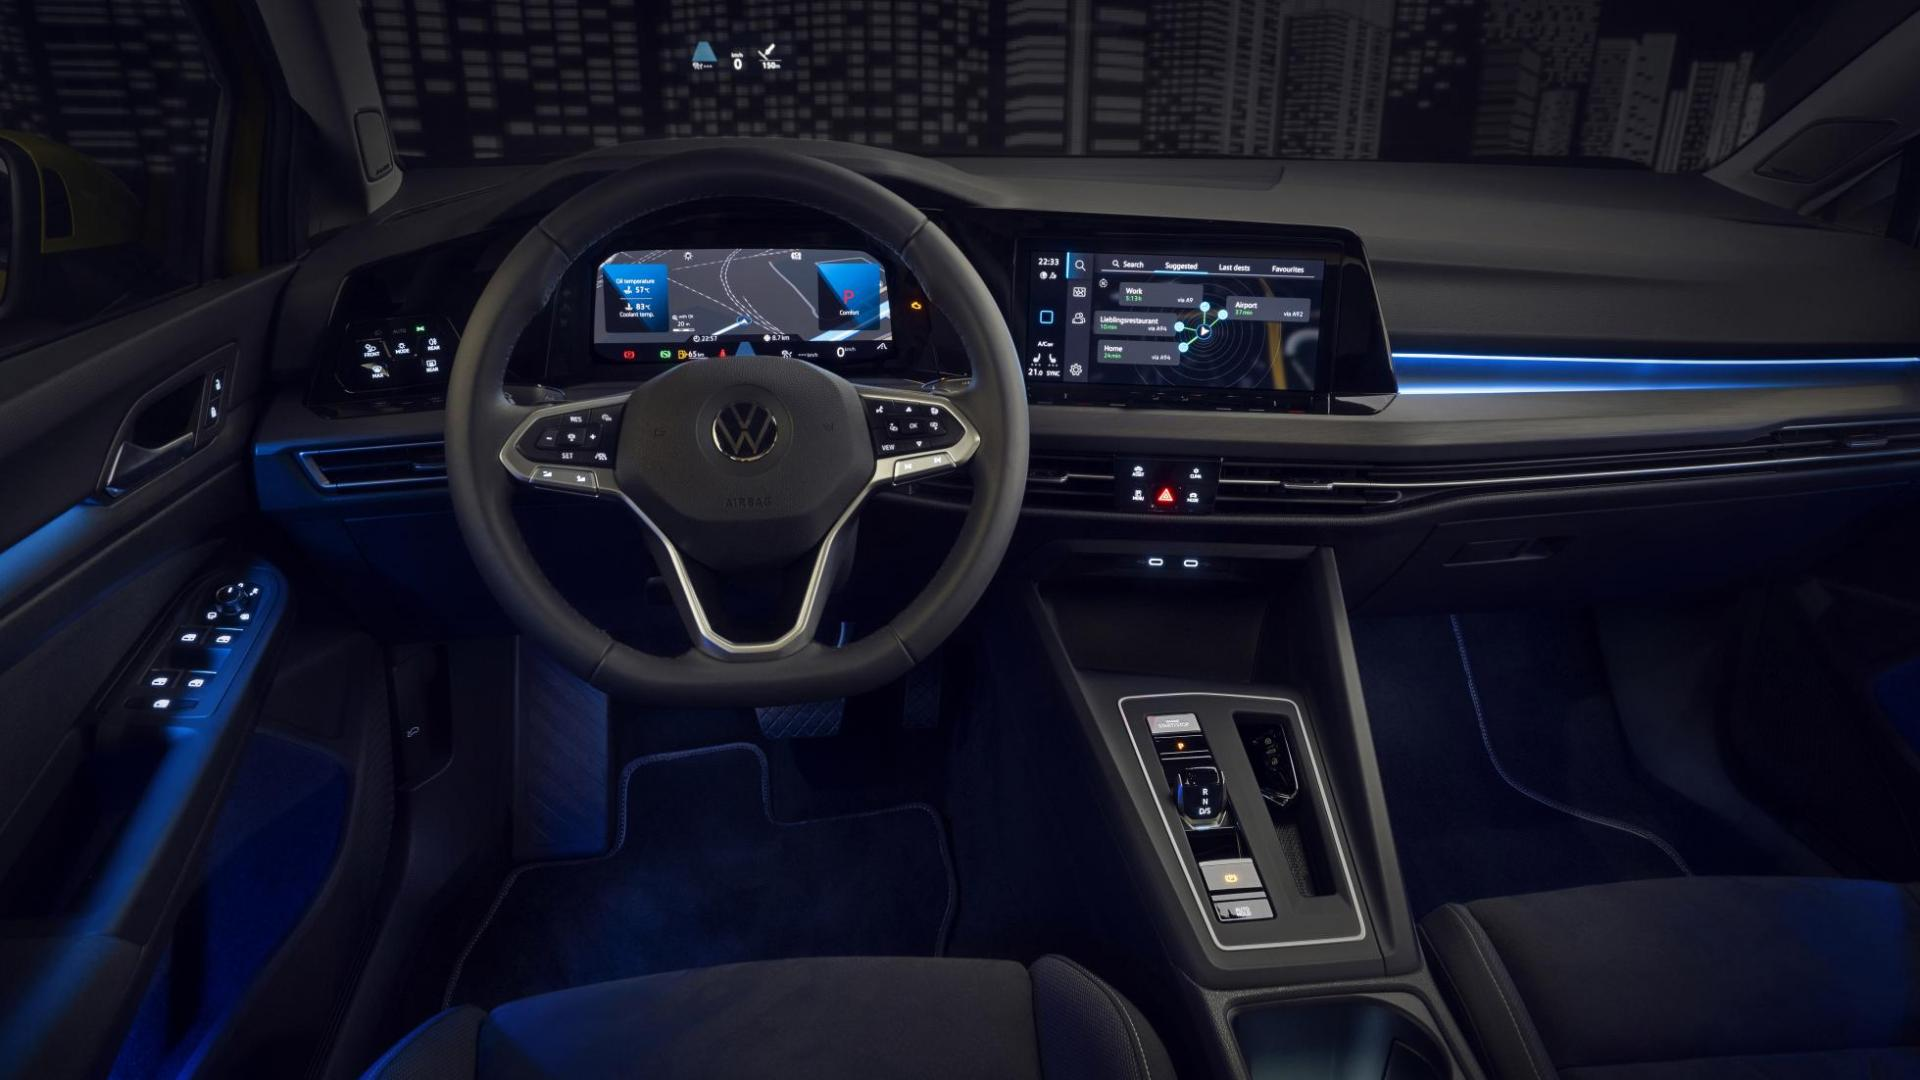 Volkswagen Golf 8 Interieur Dashboard Schermen